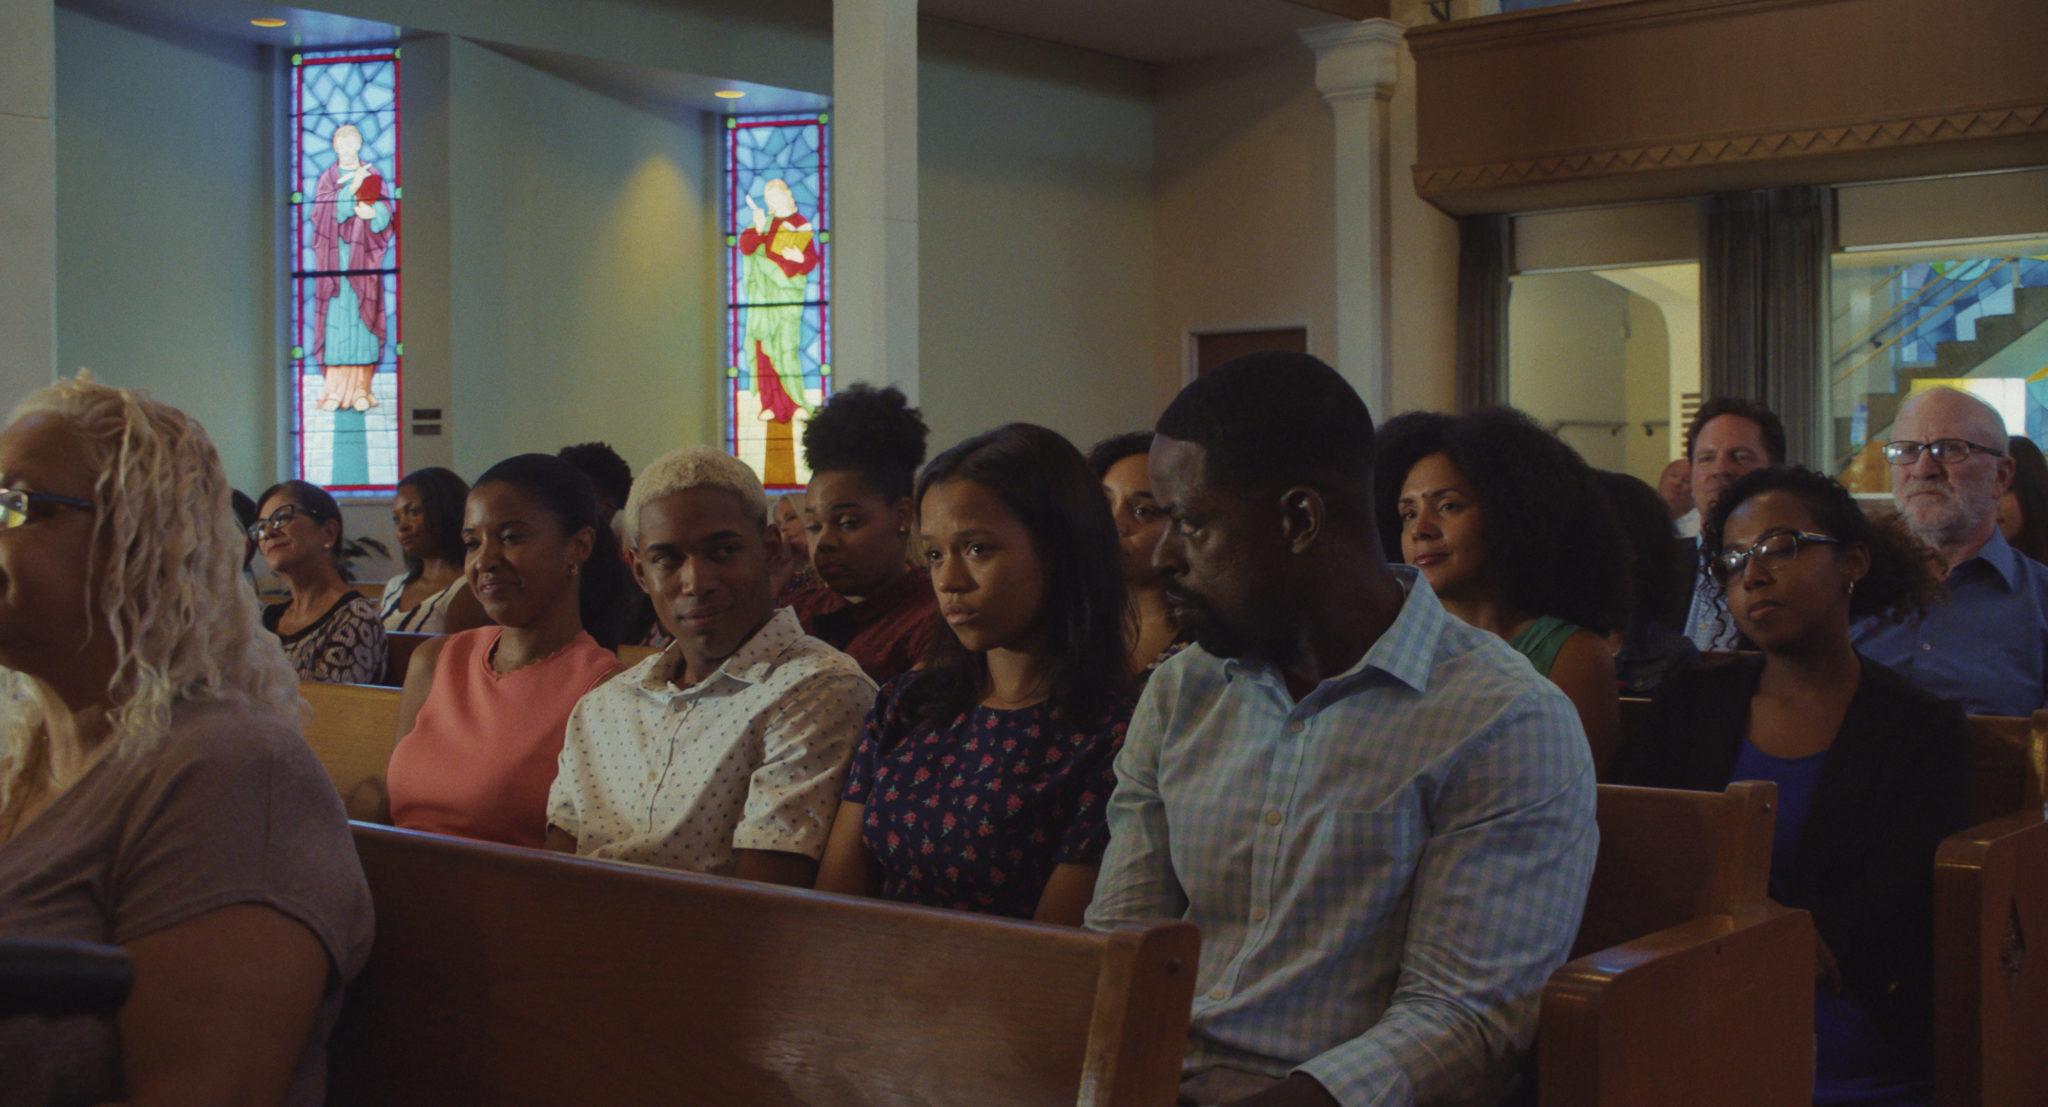 Die Familie Williams (bestehend aus Mutter, Vater, Sohn, Tochter) sitzt nebeneinander auf einer Kirchenbank und nimmt an einem Gottesdienst teil.